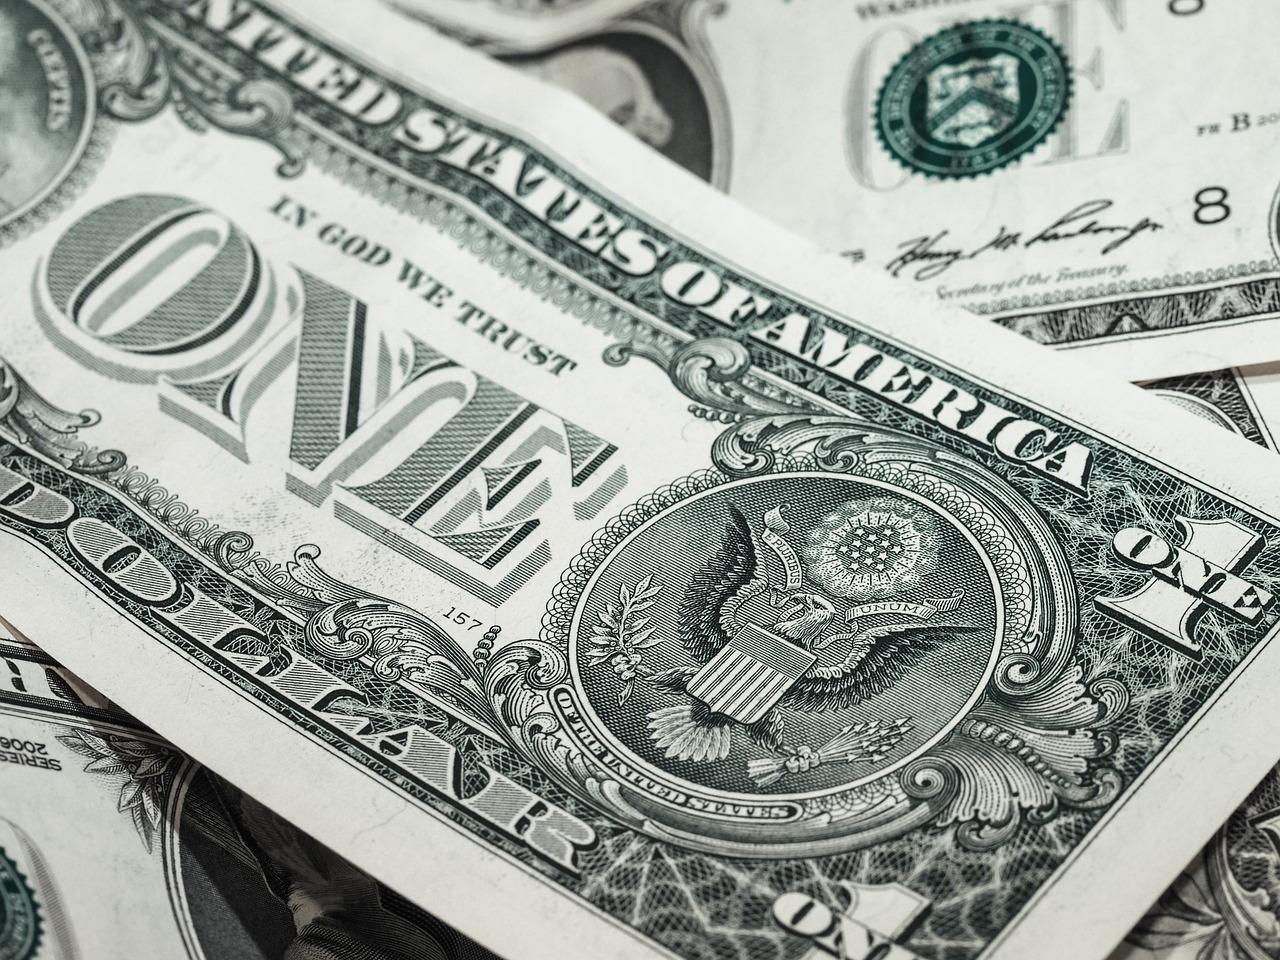 Tỷ giá Vietcombank hôm nay 5/11: Biến động đầy bất ngờ trước giờ công bố kết quả Tổng thống Mỹ